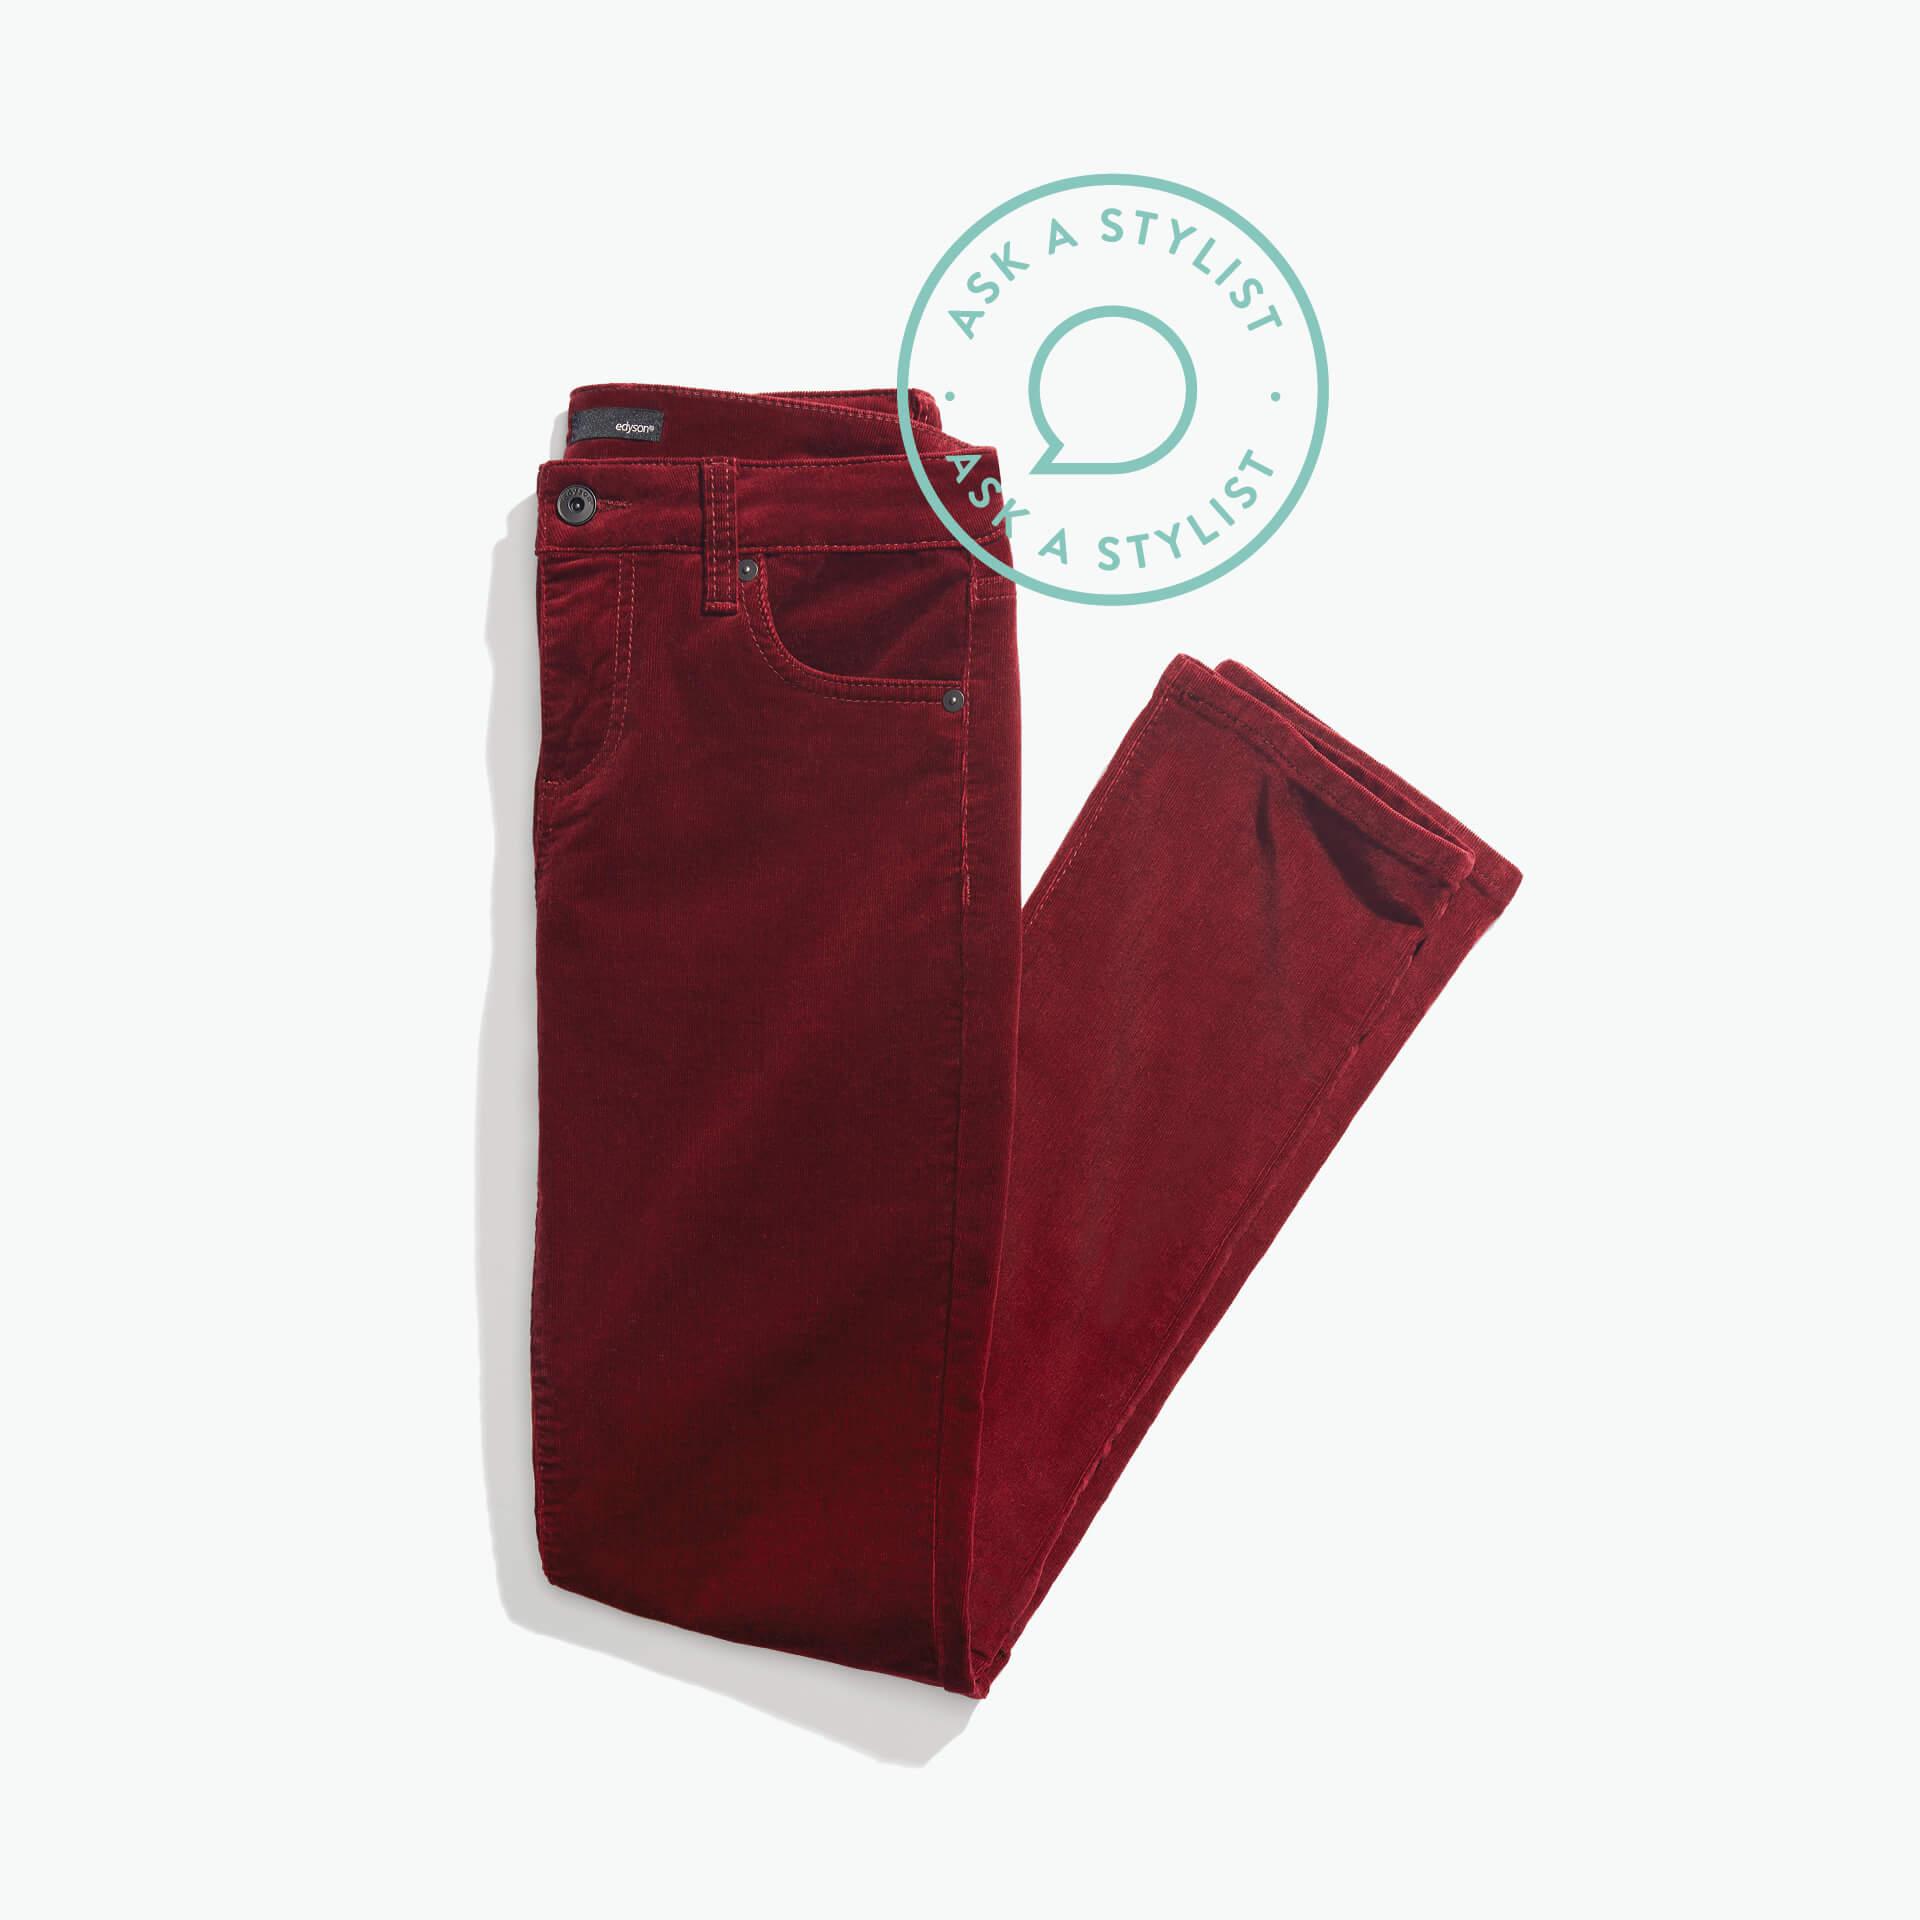 Style Corduroy Pants